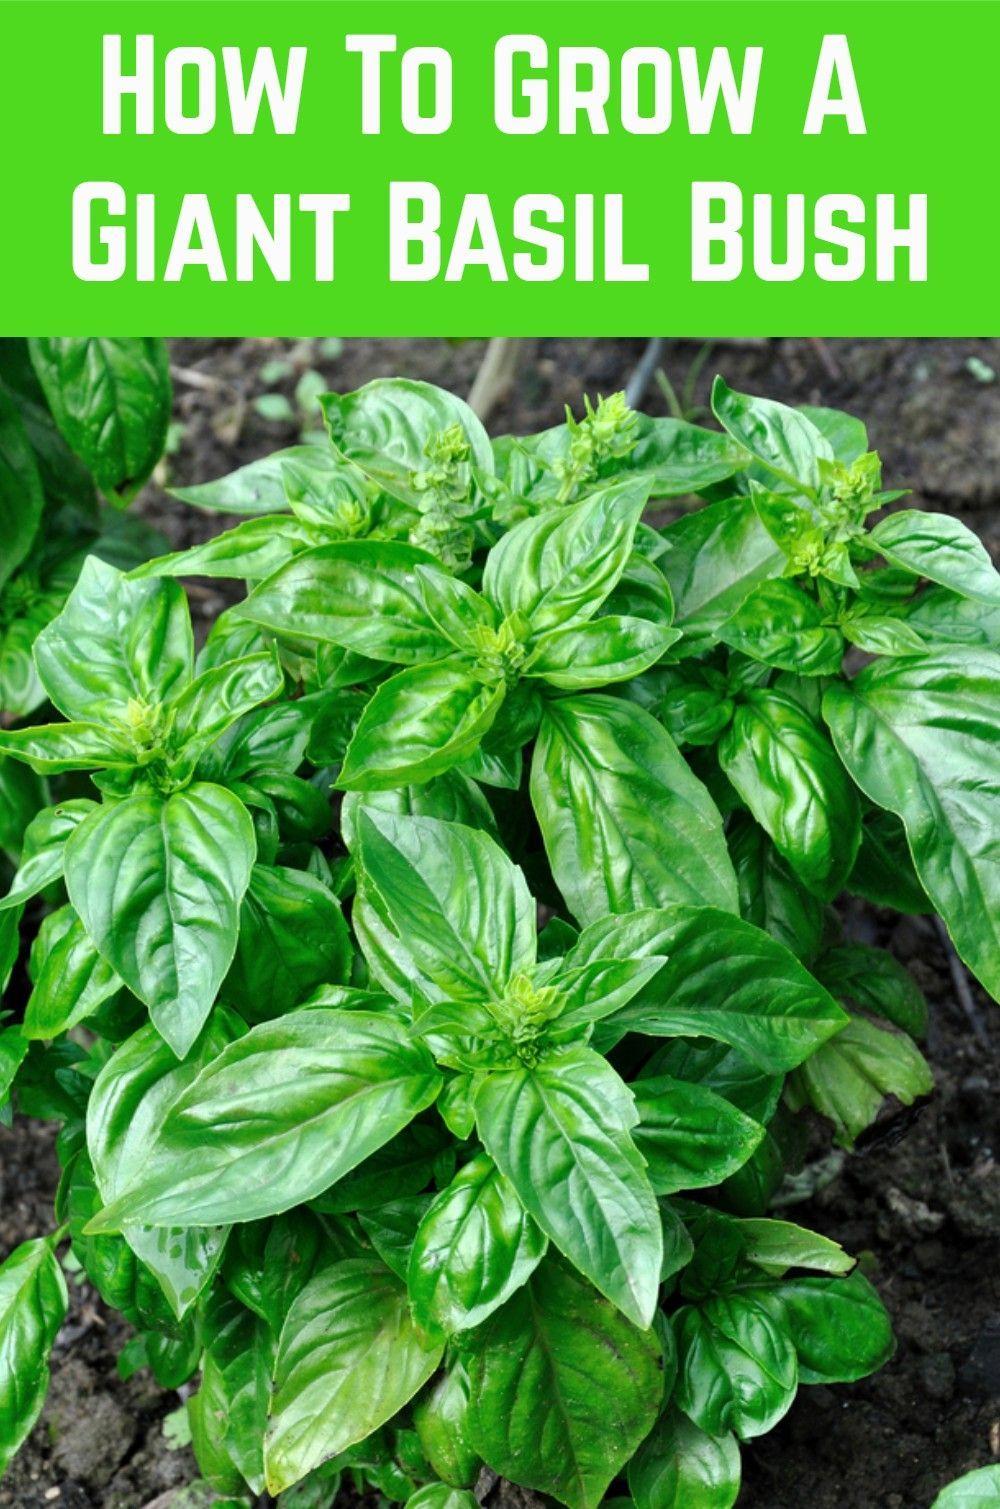 How To Grow A Giant Basil Bush: A Pro Gardener Reveals Their Secret